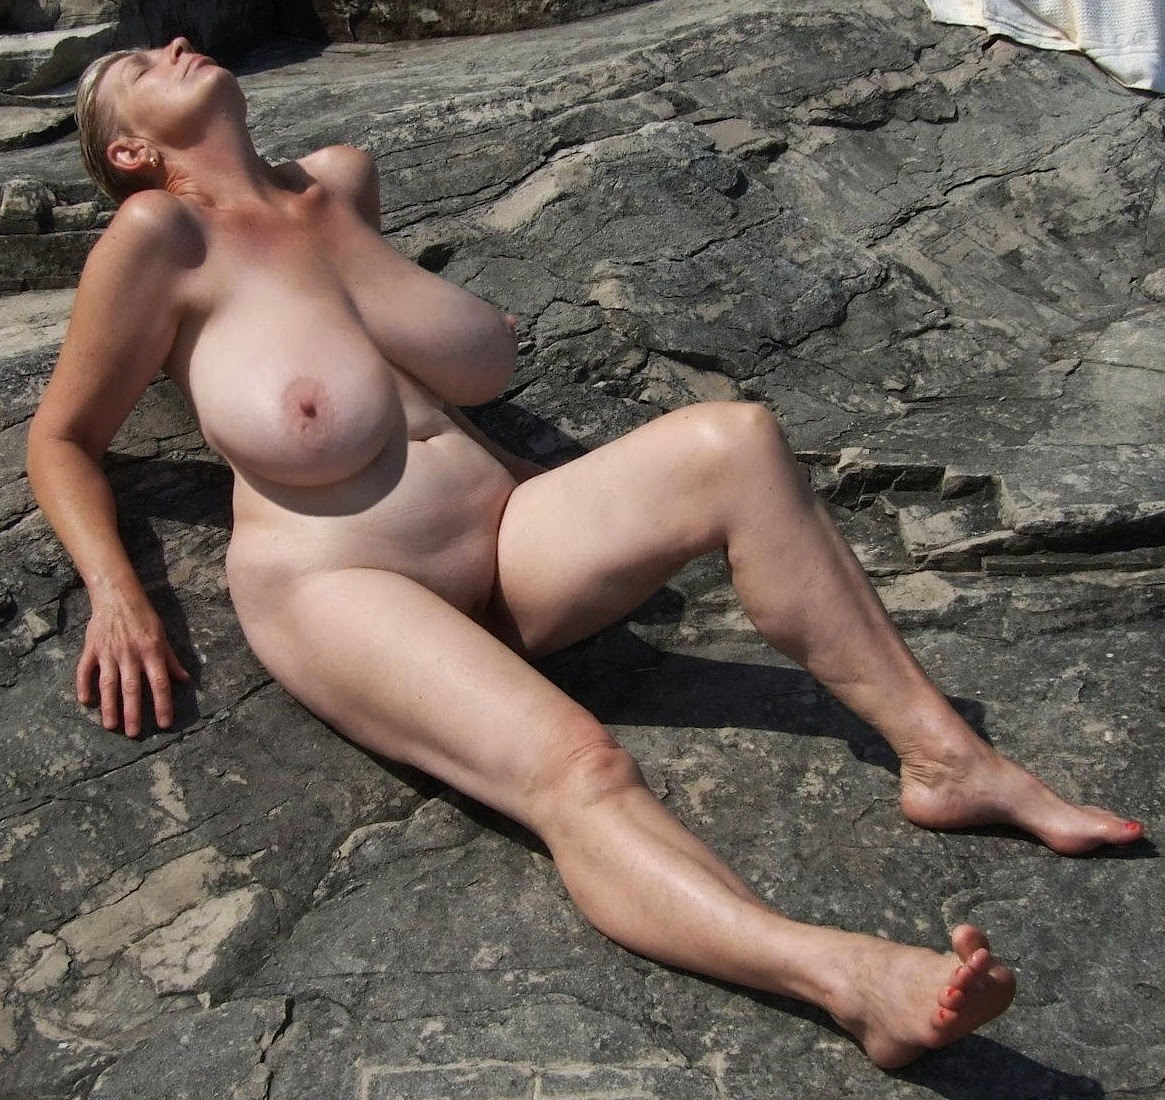 Nackt Bilder : Gigantisch schwerer Busen   nackter arsch.com